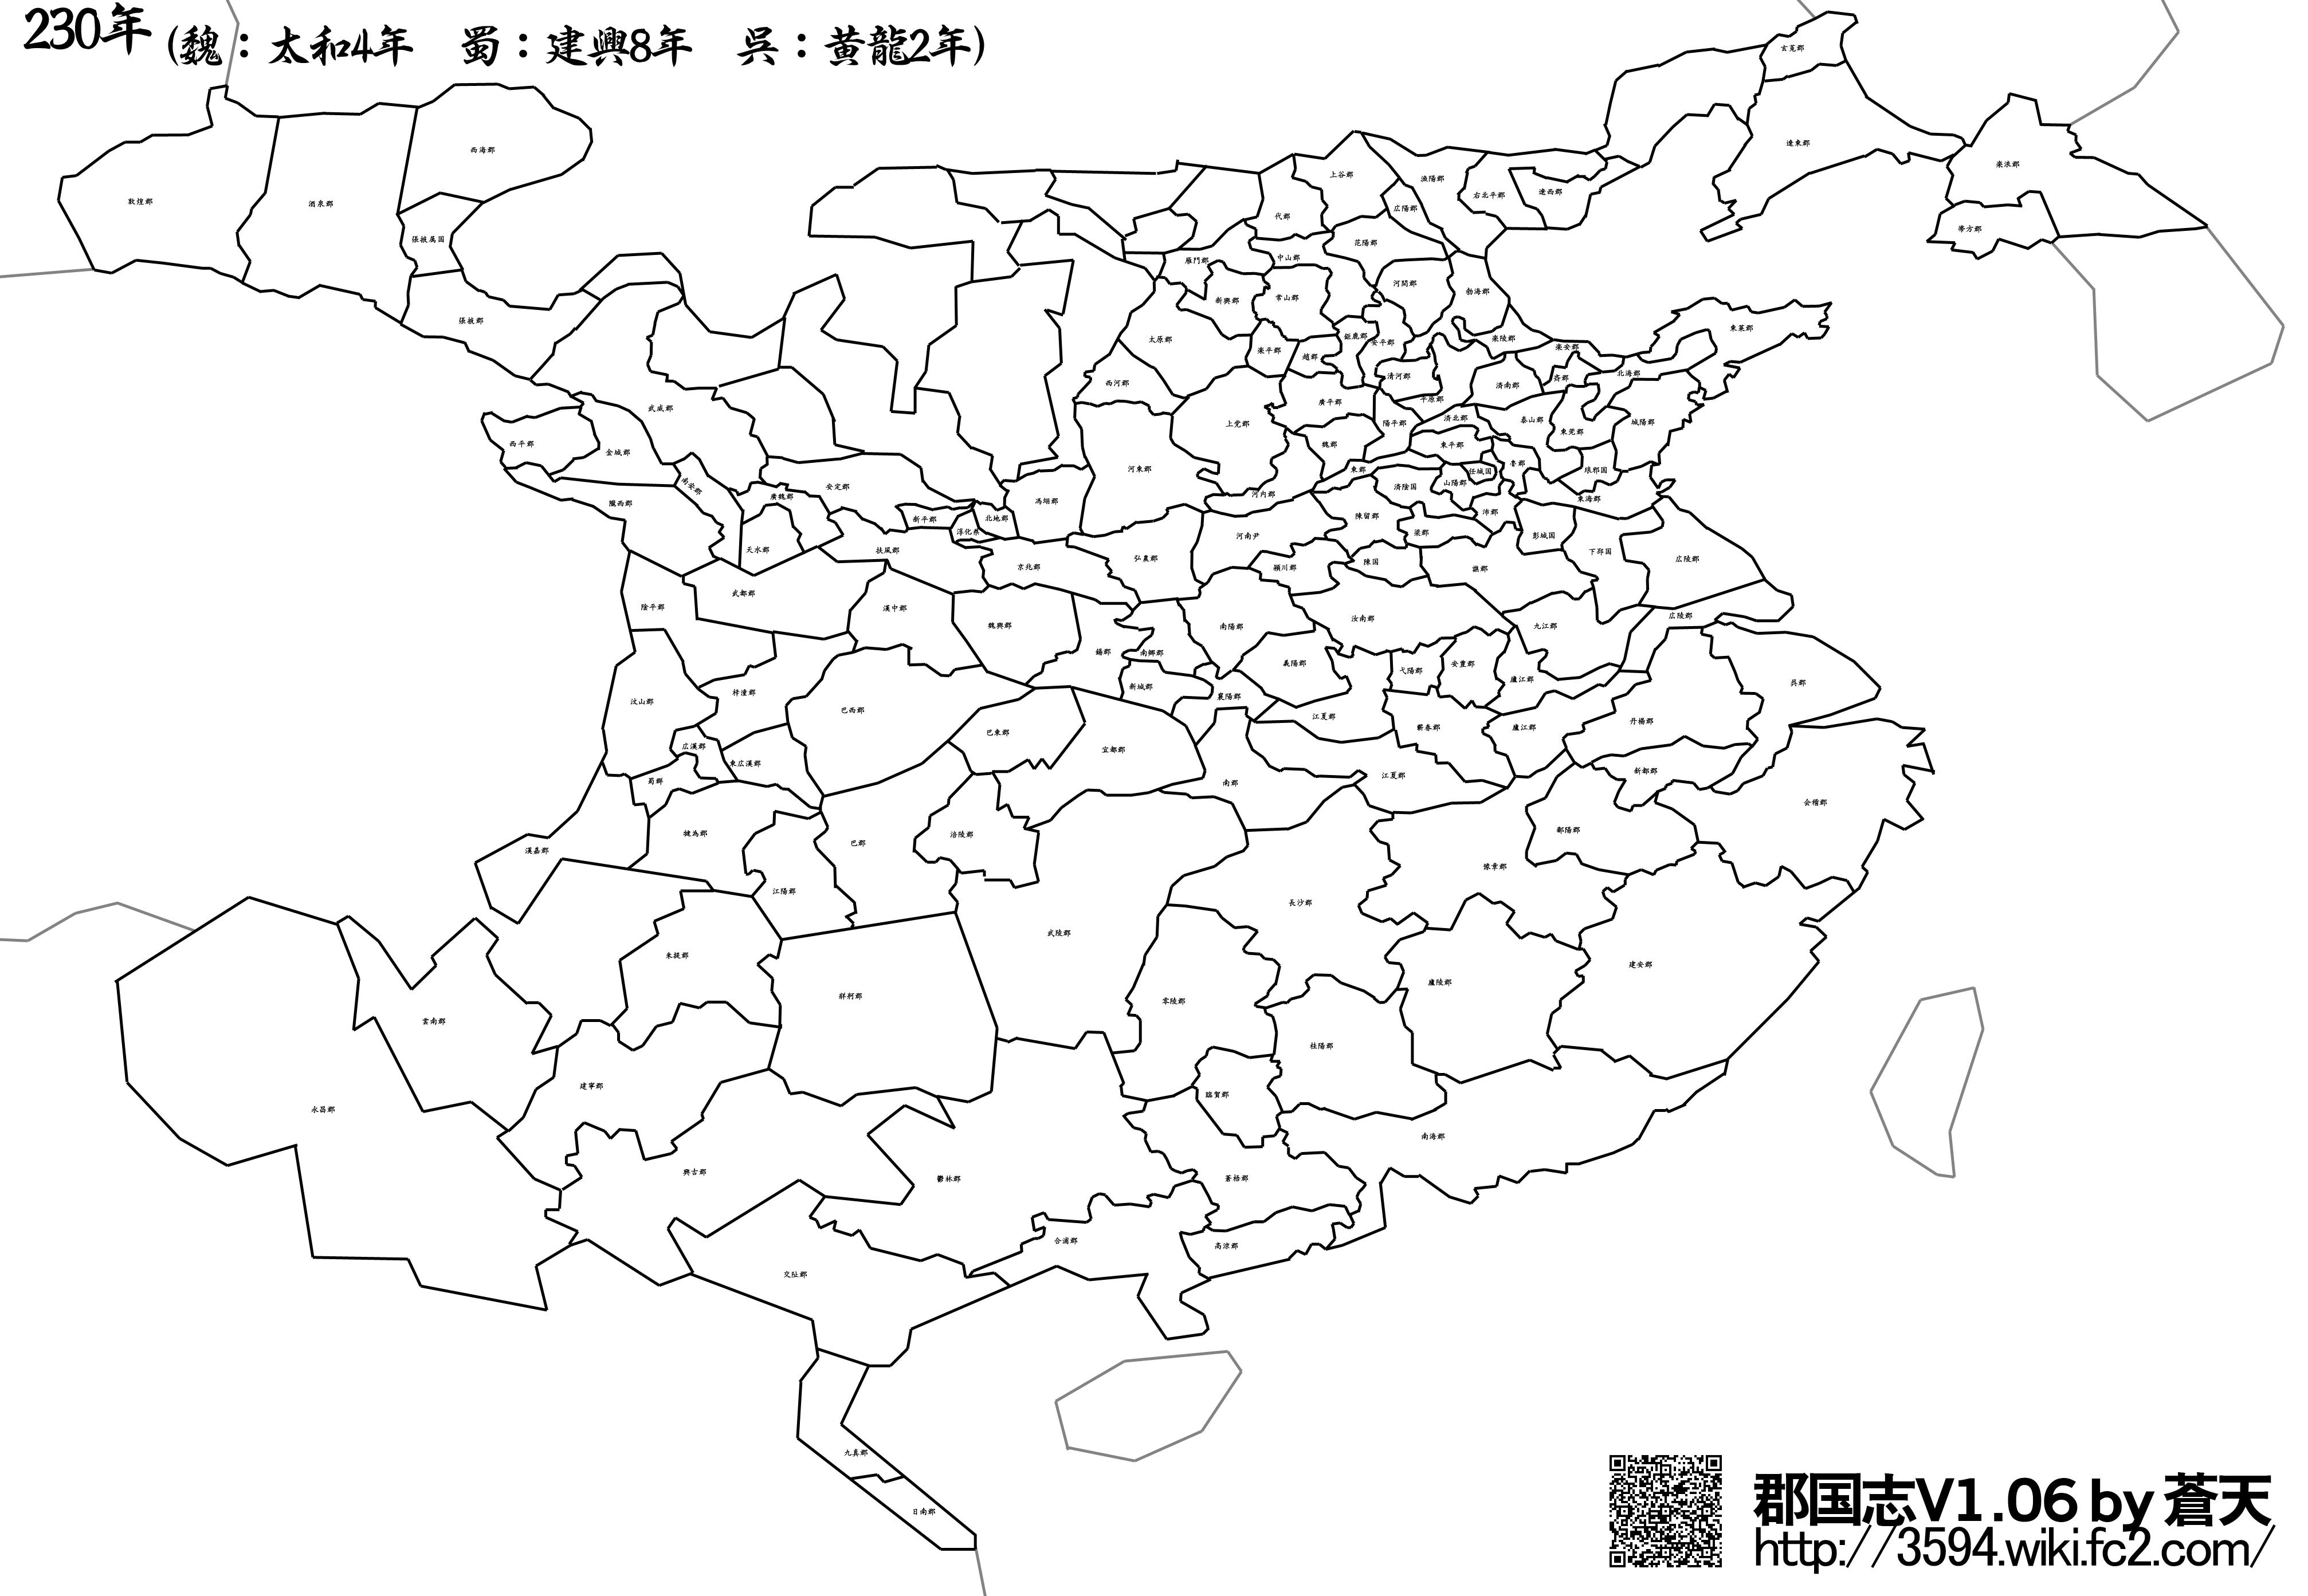 郡国志v106_230年